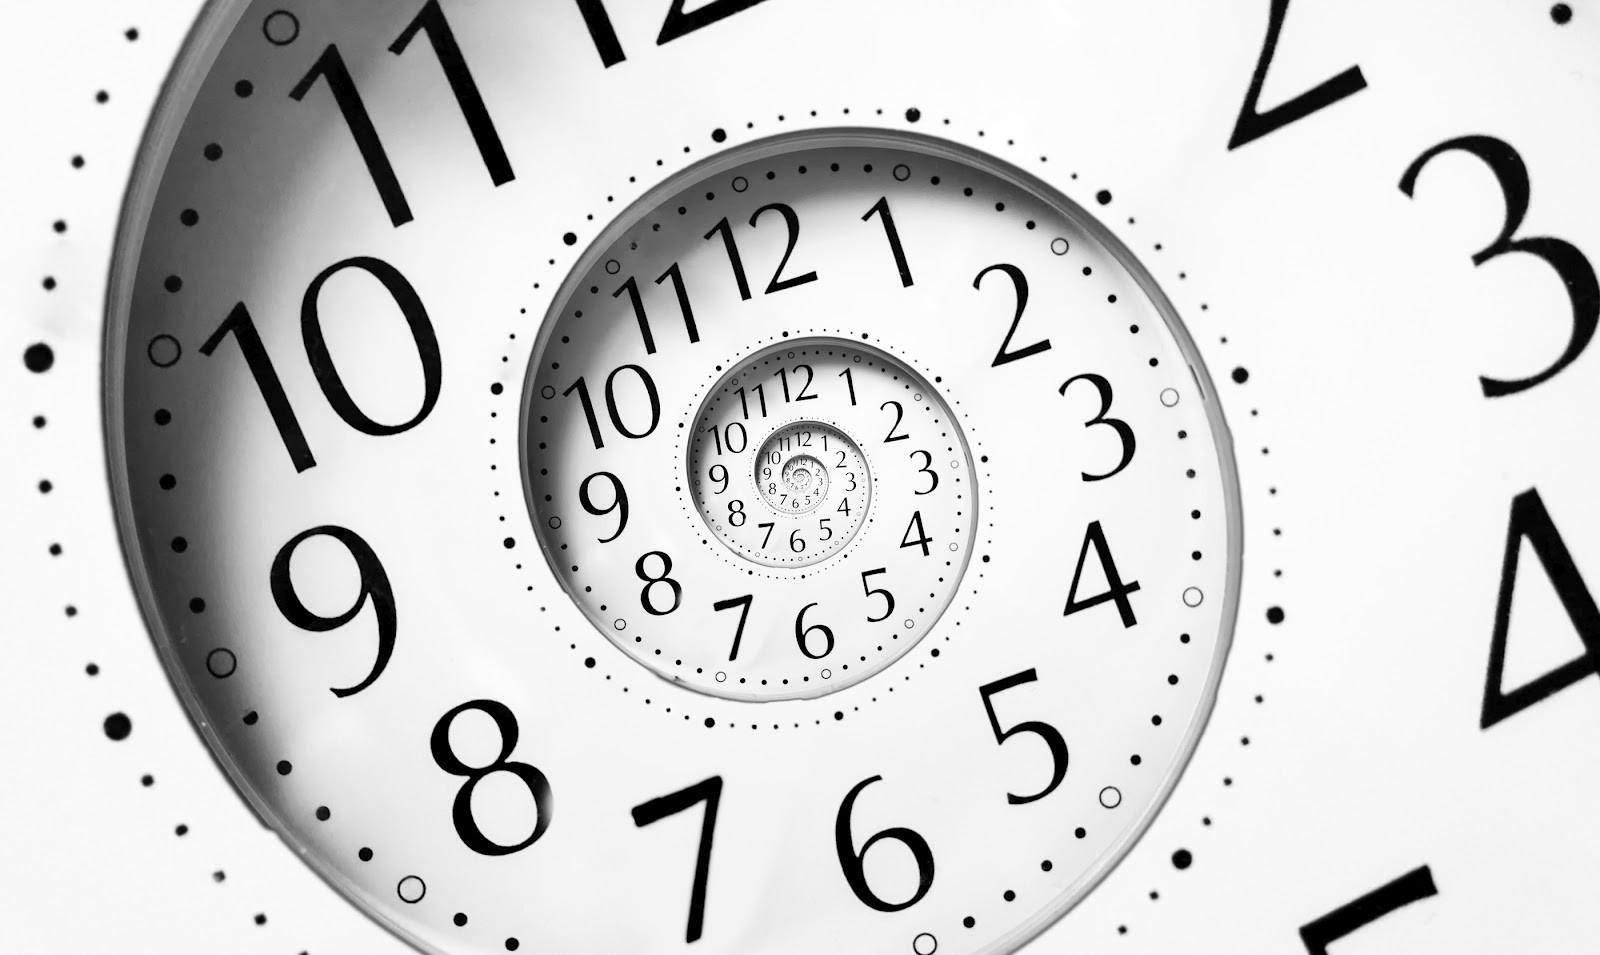 бесконечные циклы времени